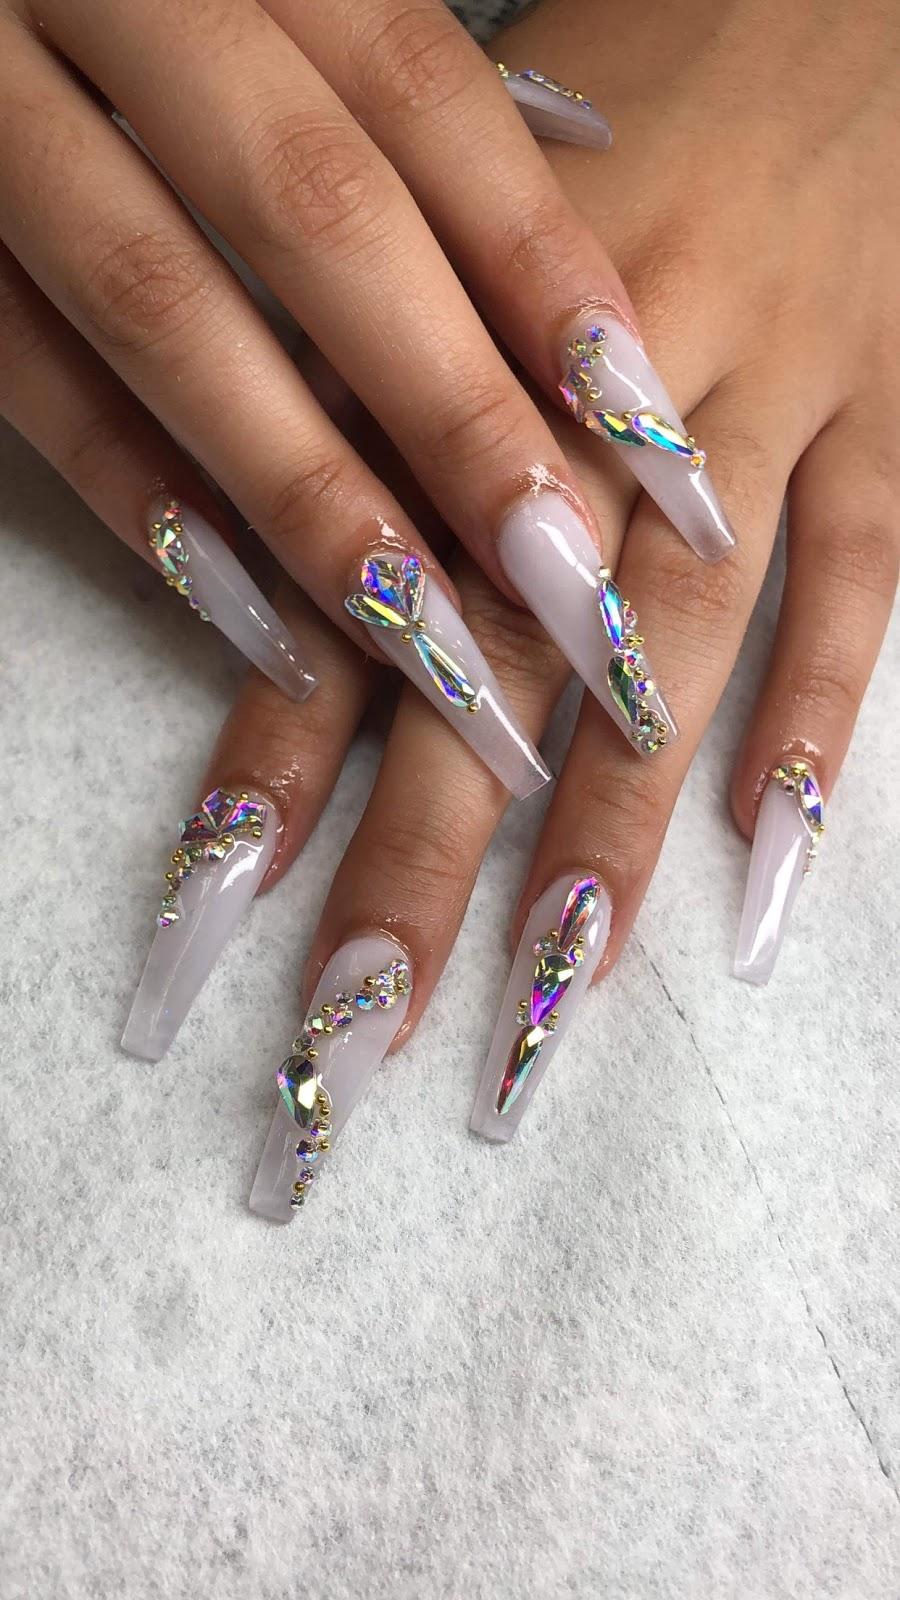 Annie's Nails & Spa - Nail salon in Midland, TX 79707